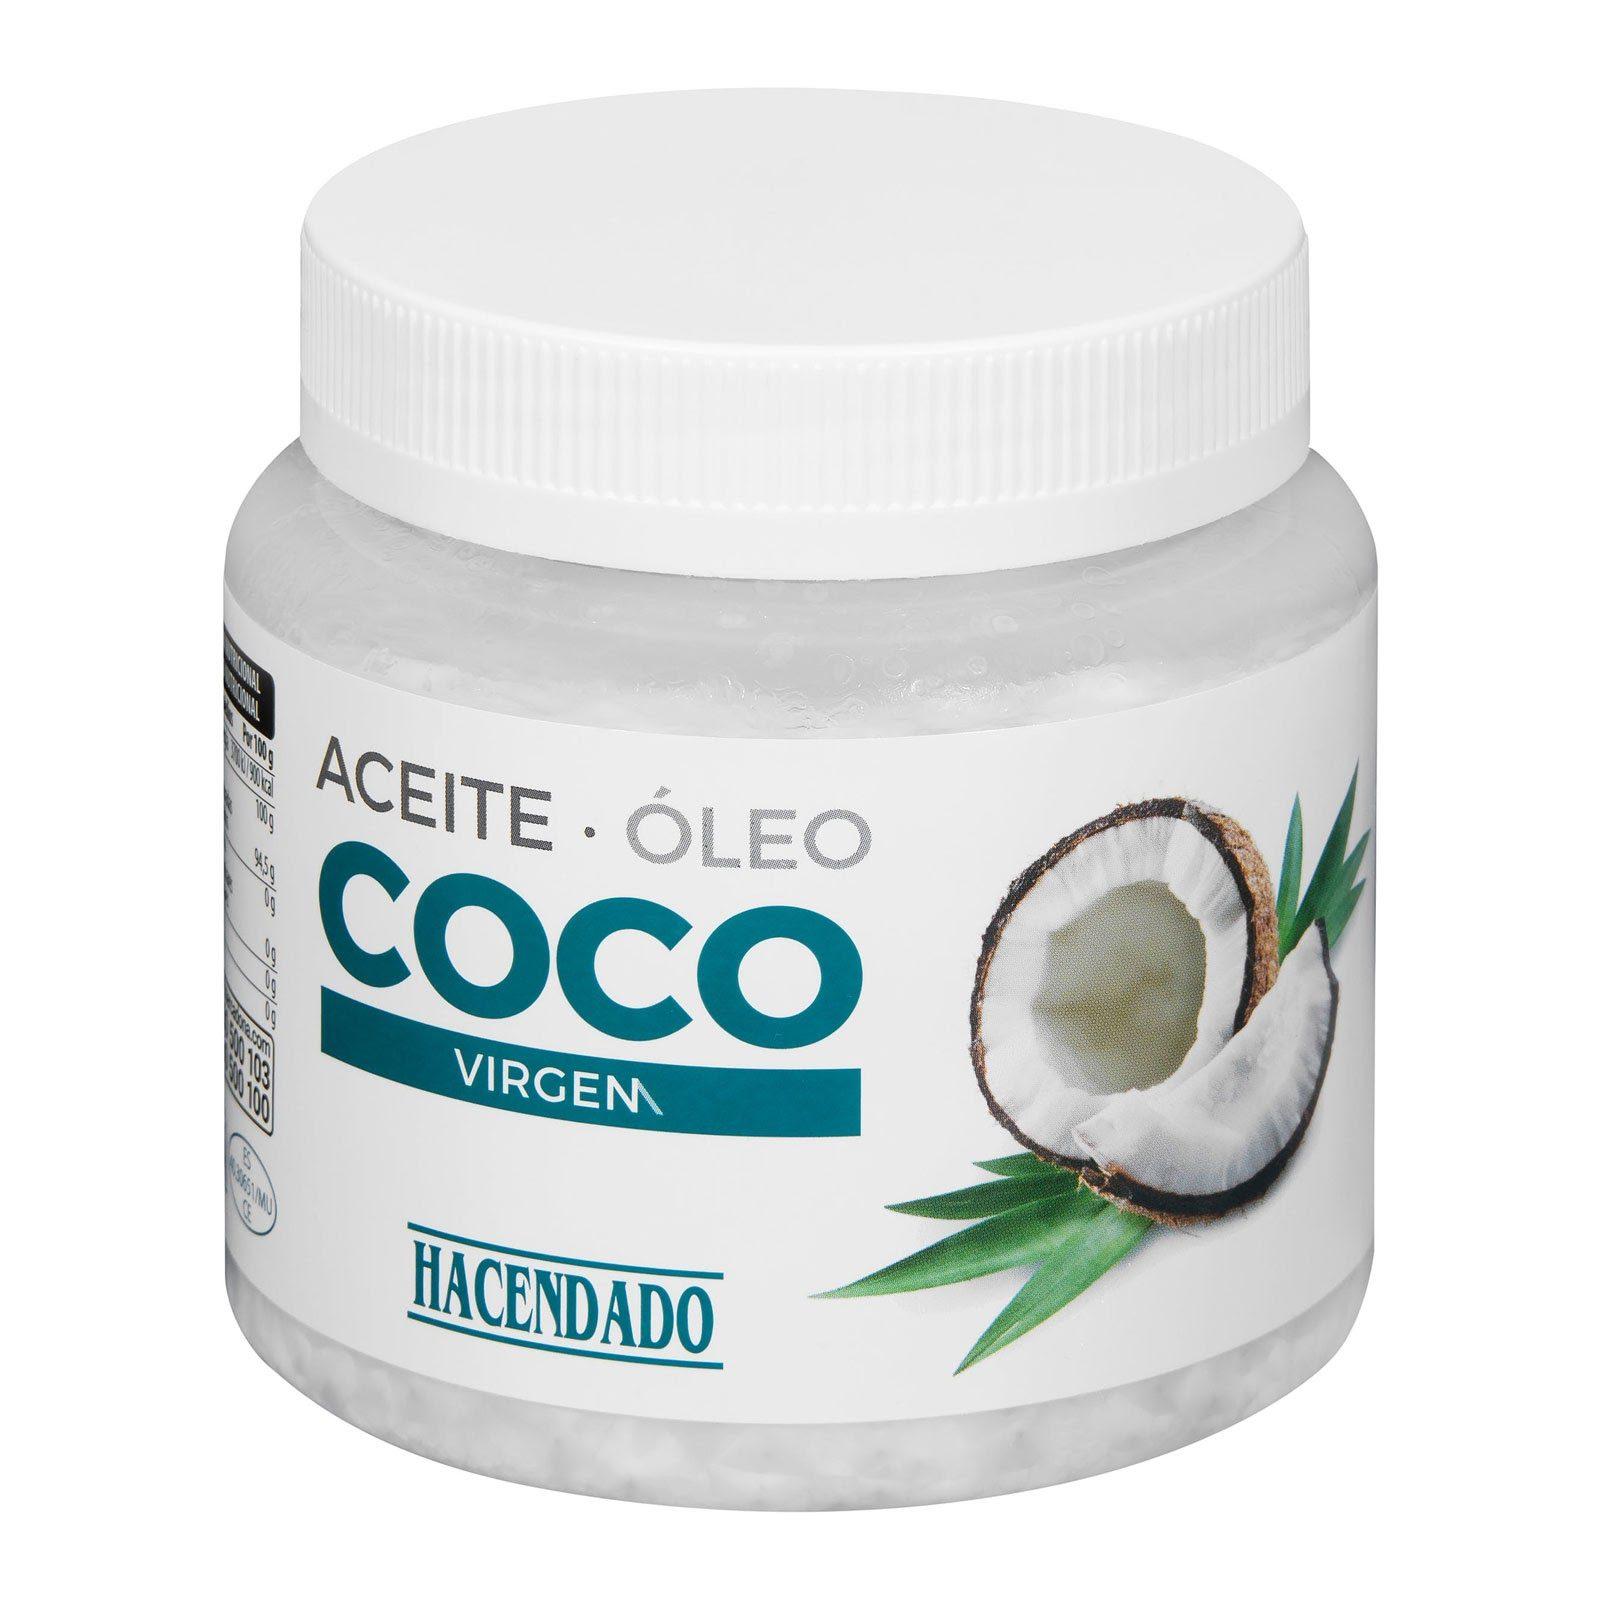 aceite-de-coco-virgen-hacendado-mercadona-1-3058857